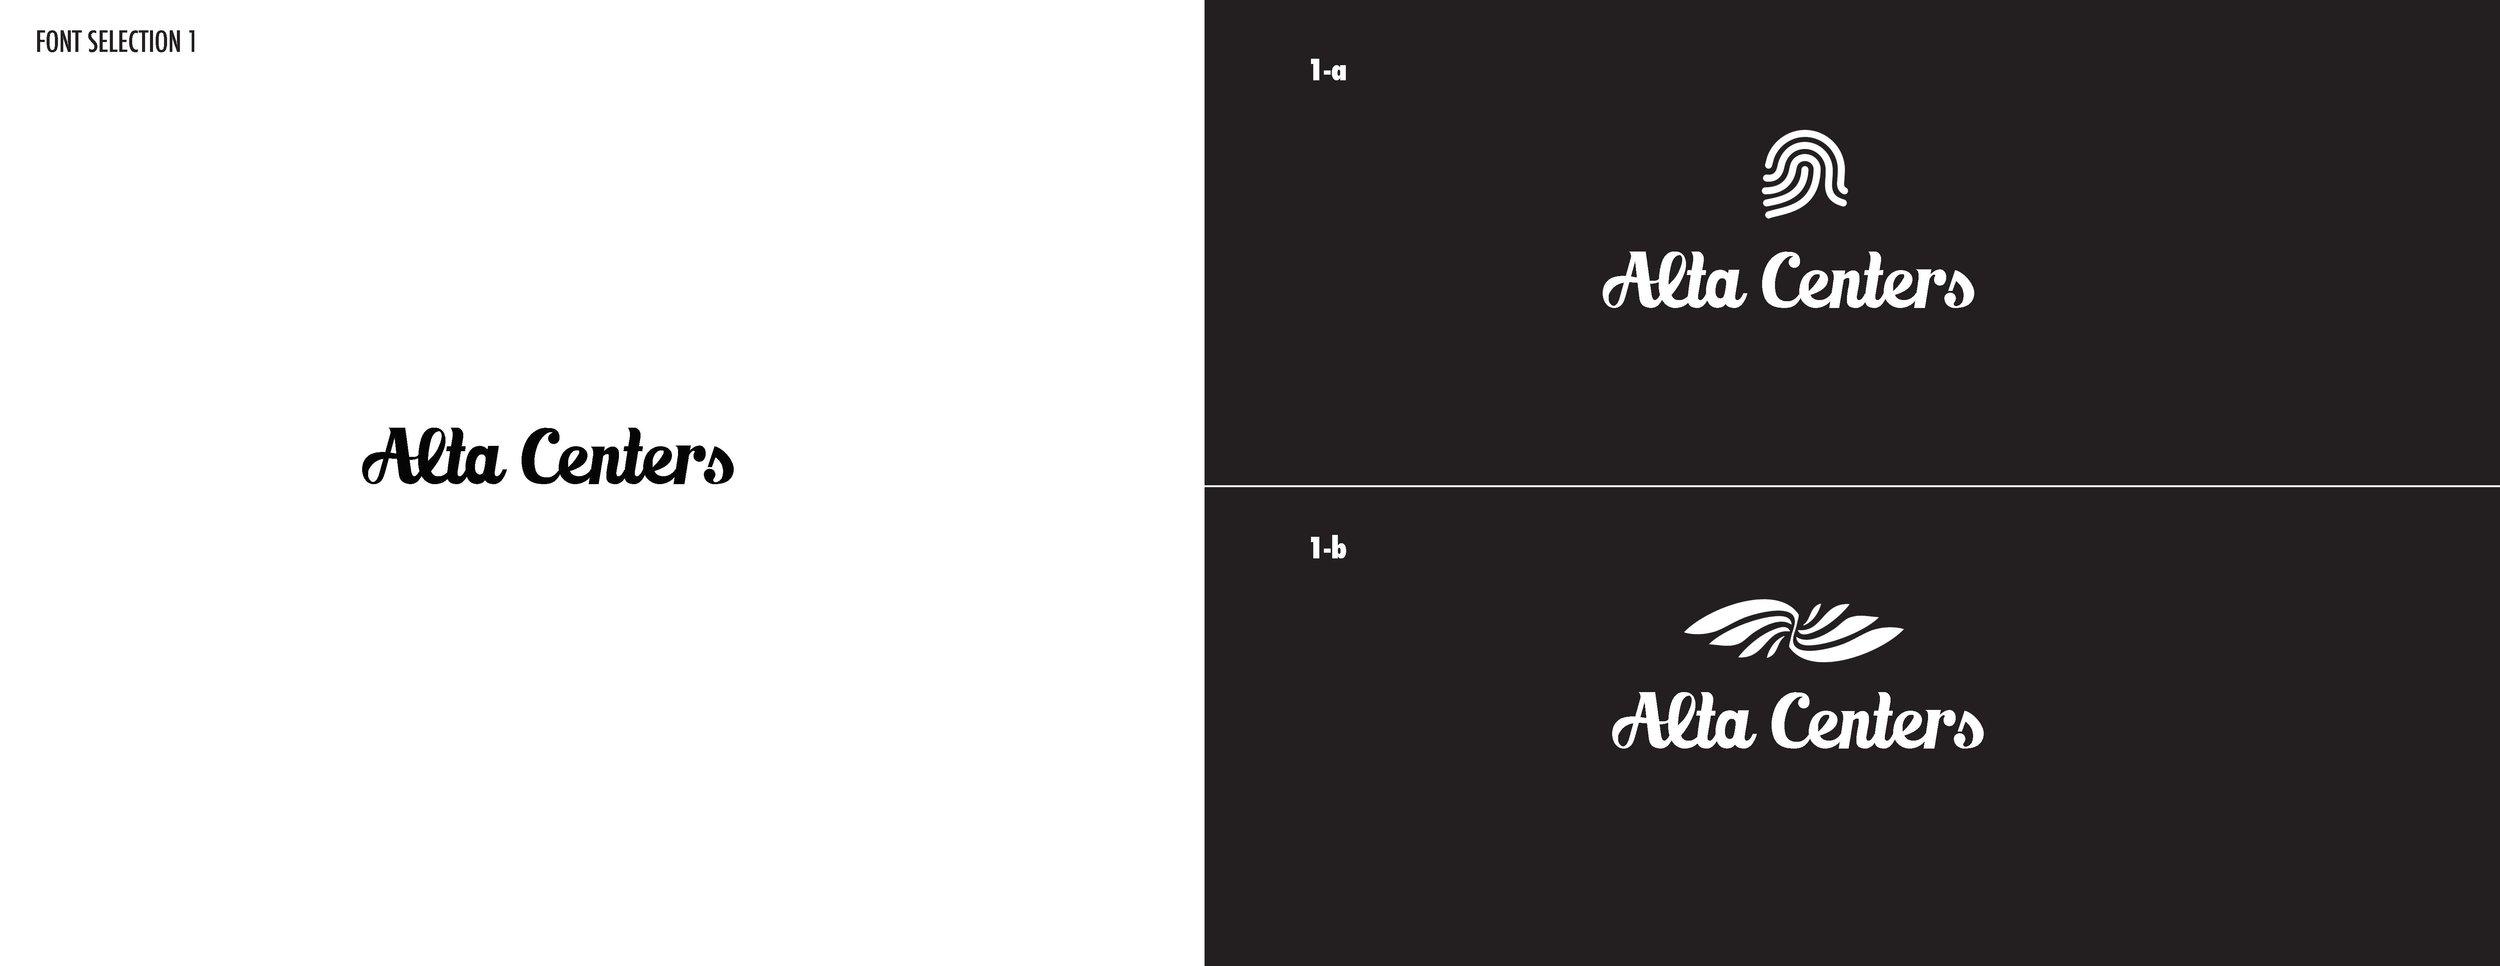 AltaFont-Logo OptionsV4_Page_02.jpg